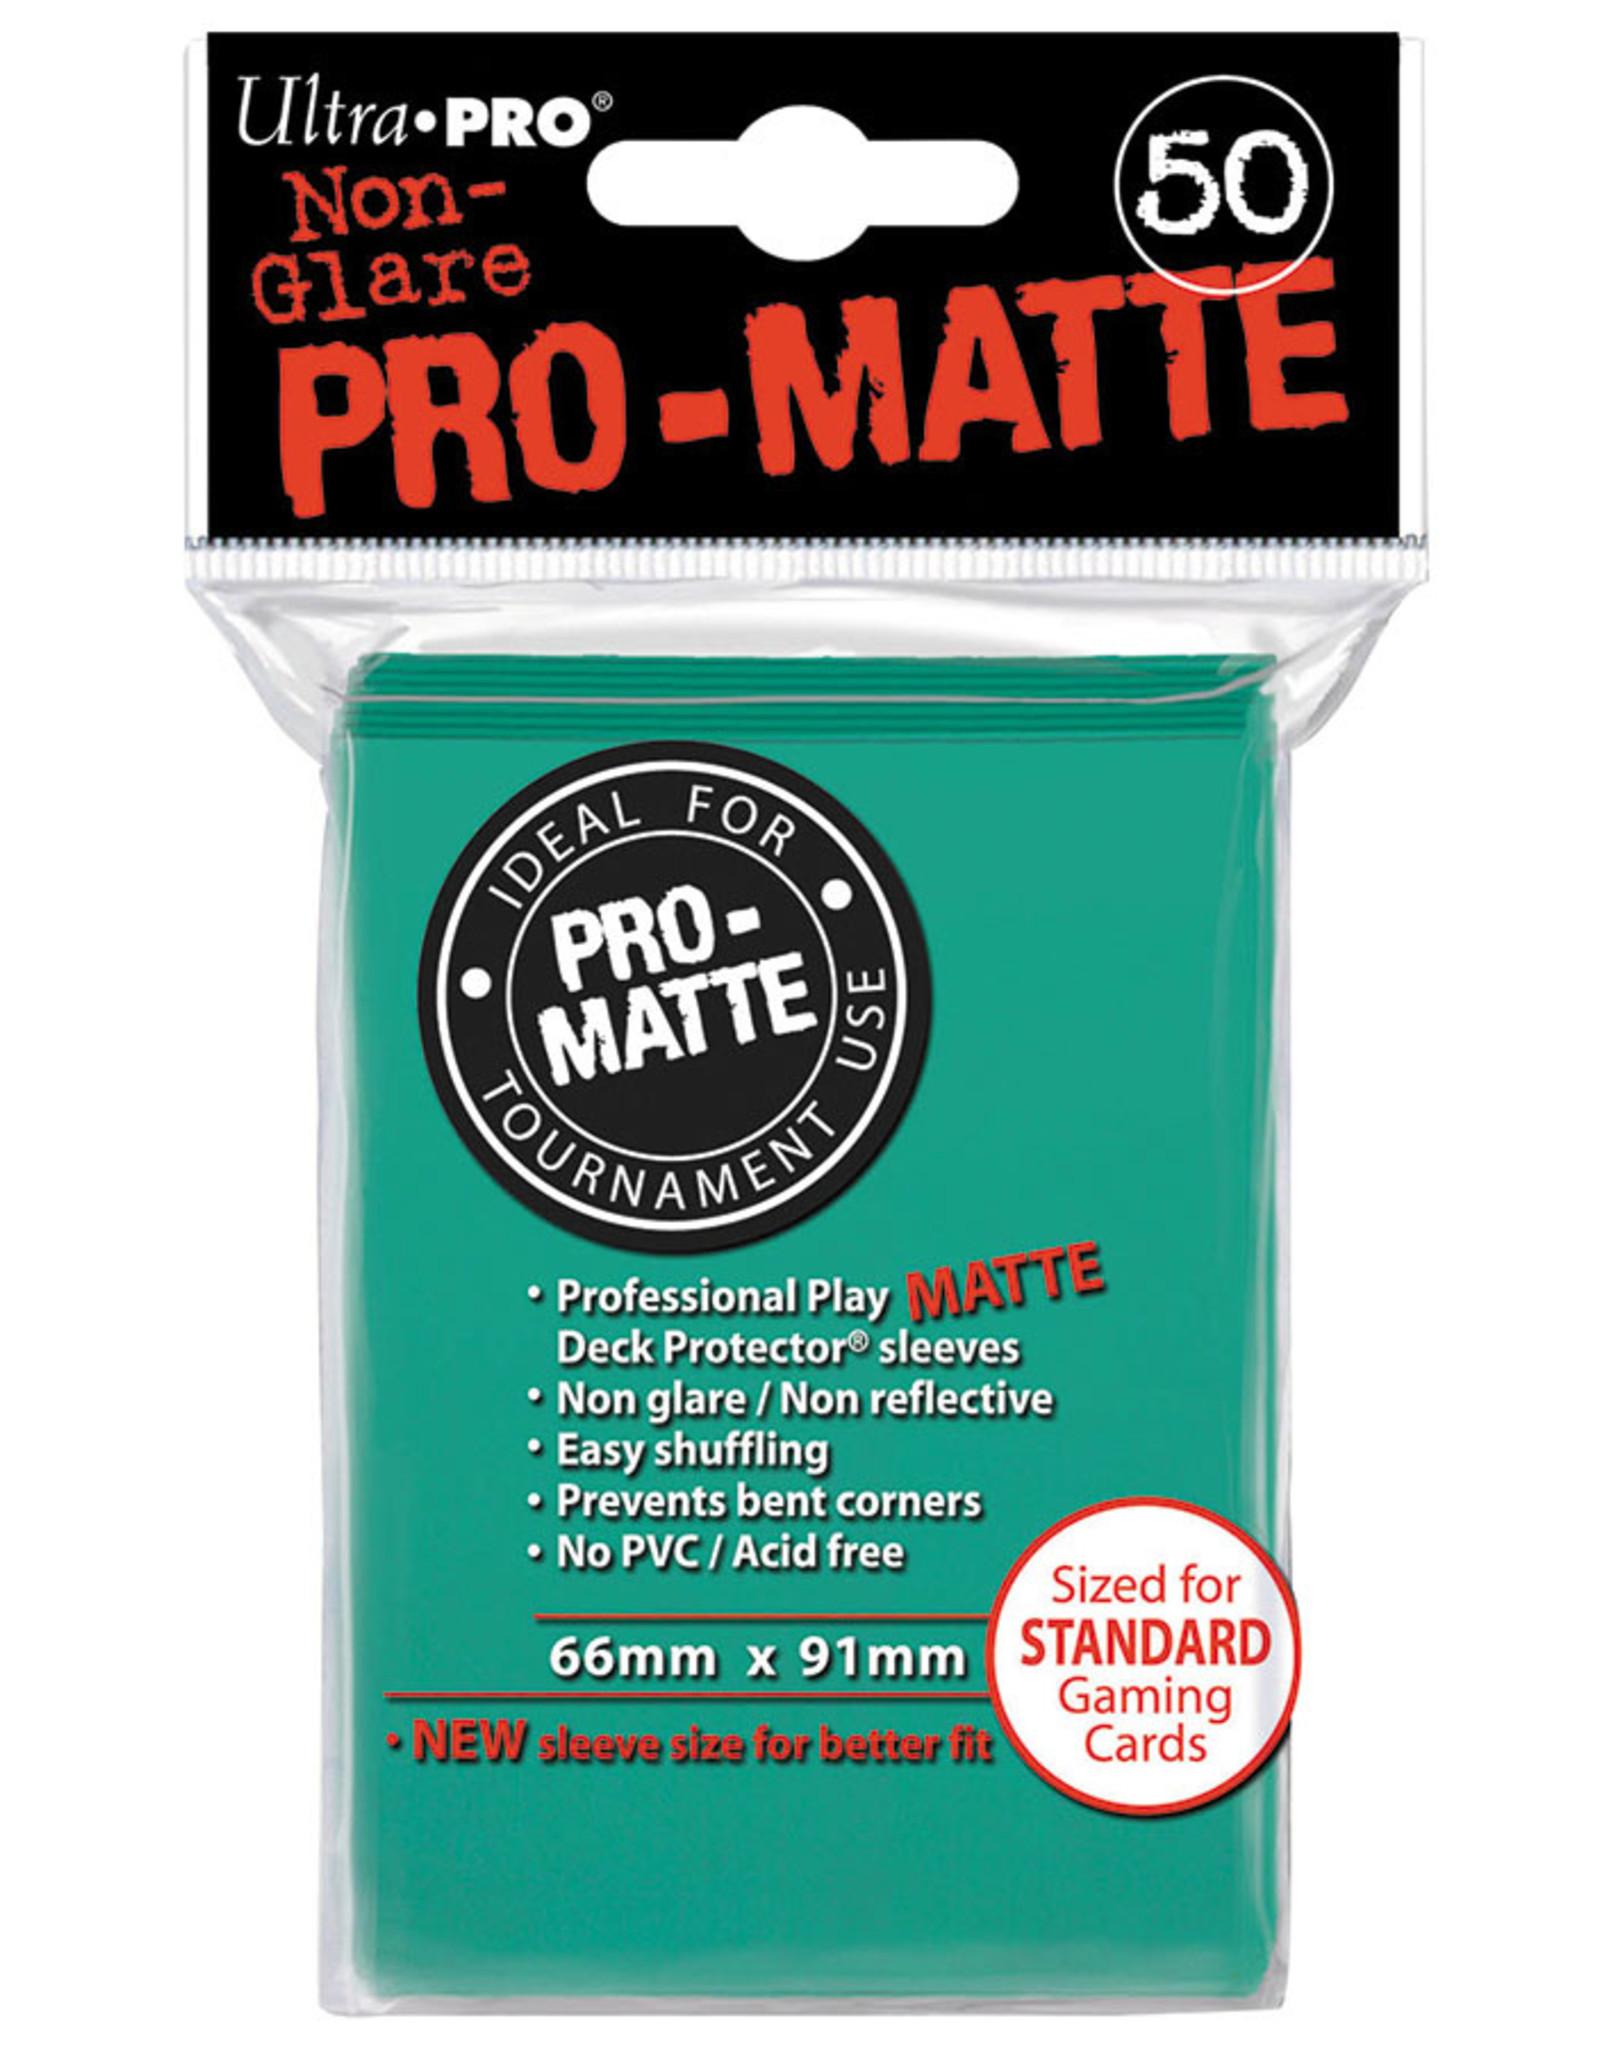 Ultra Pro Deck Protector: Pro Matte Aqua (50)